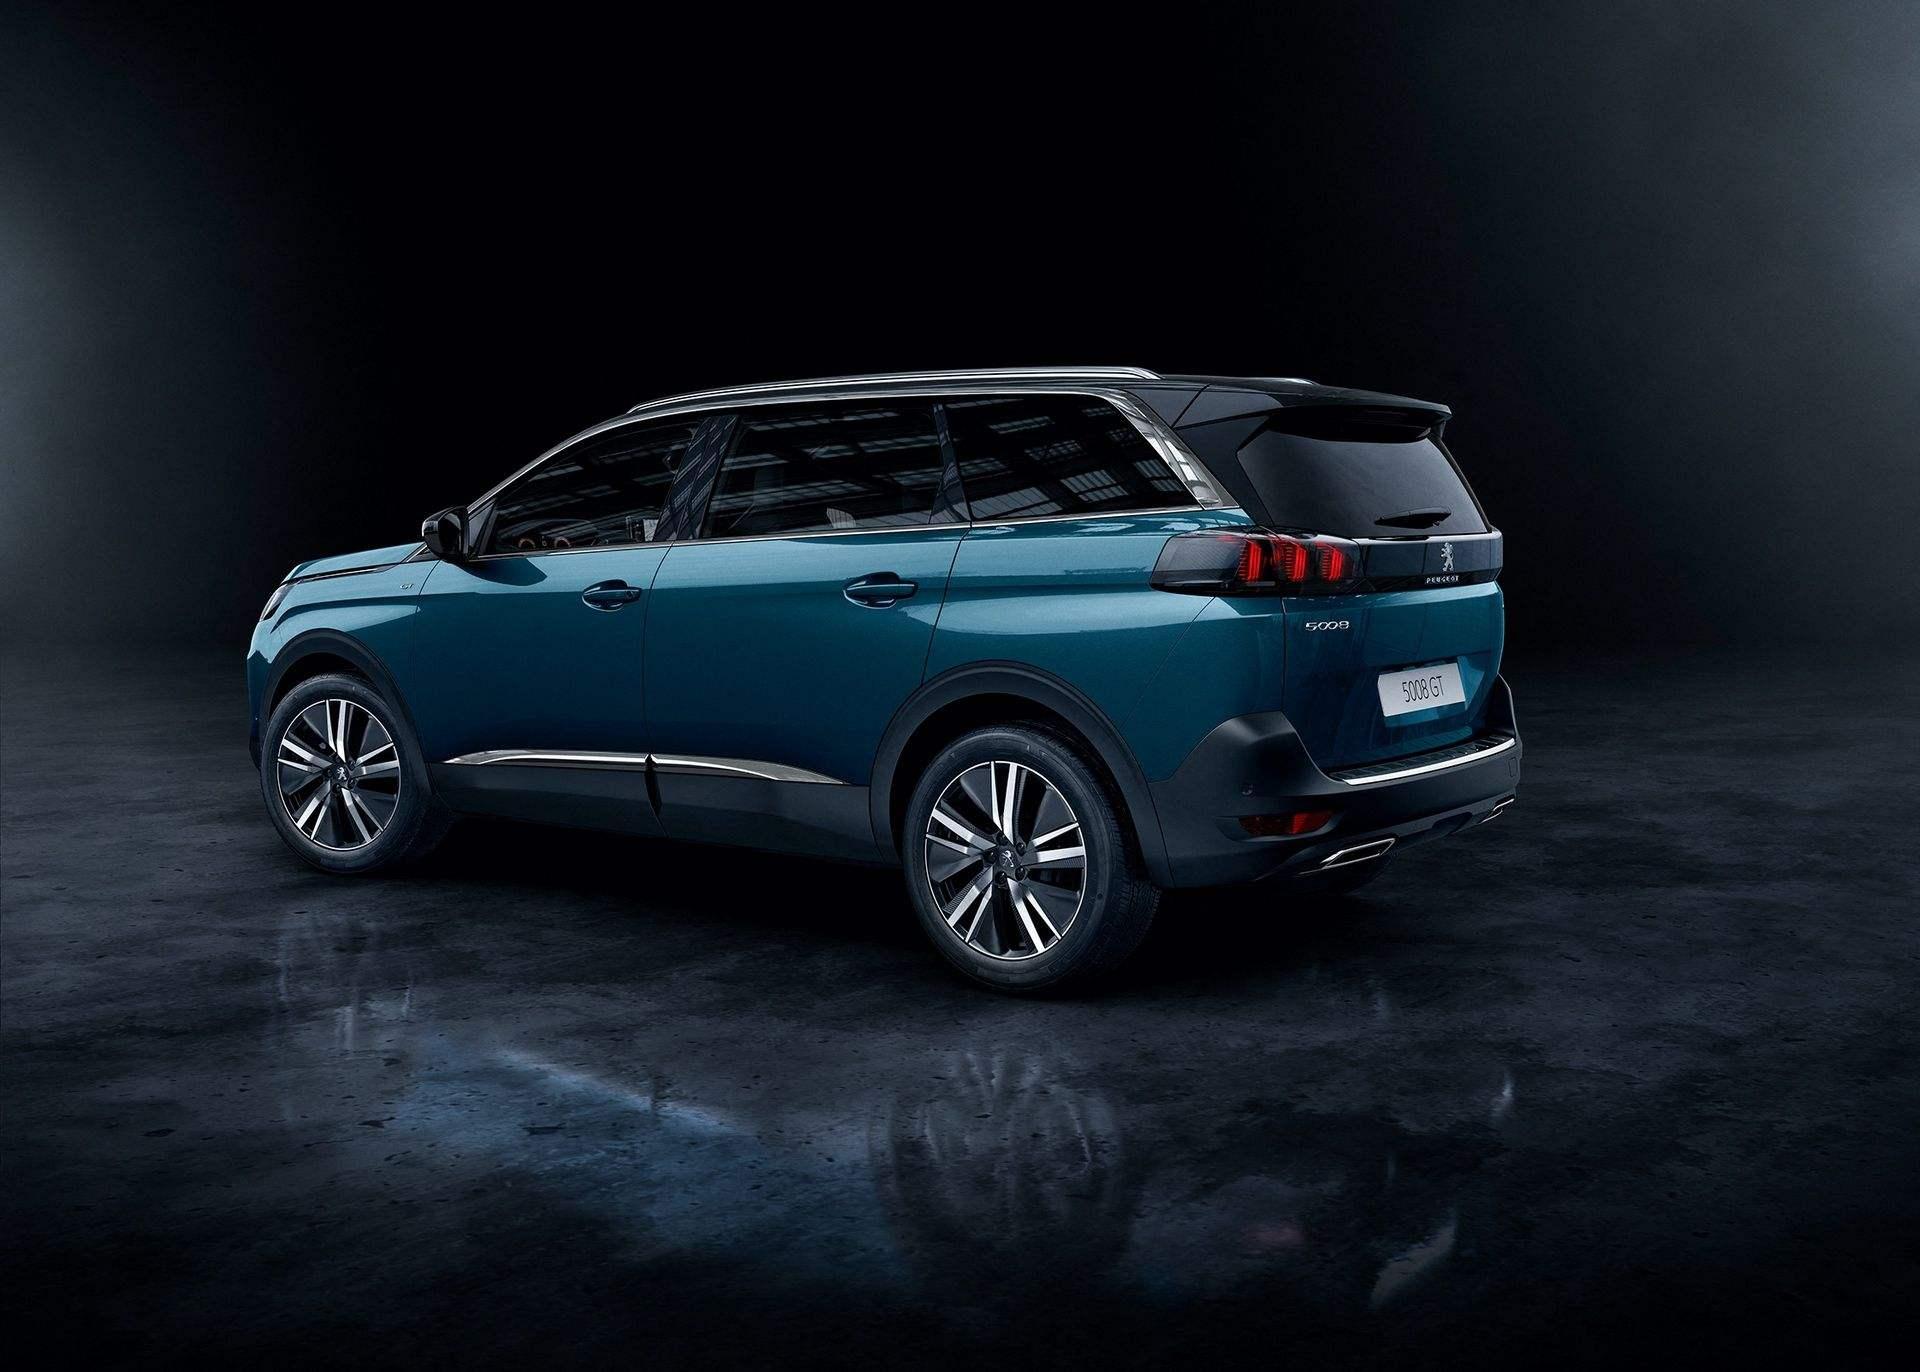 Peugeot 5008 (2021): lifting